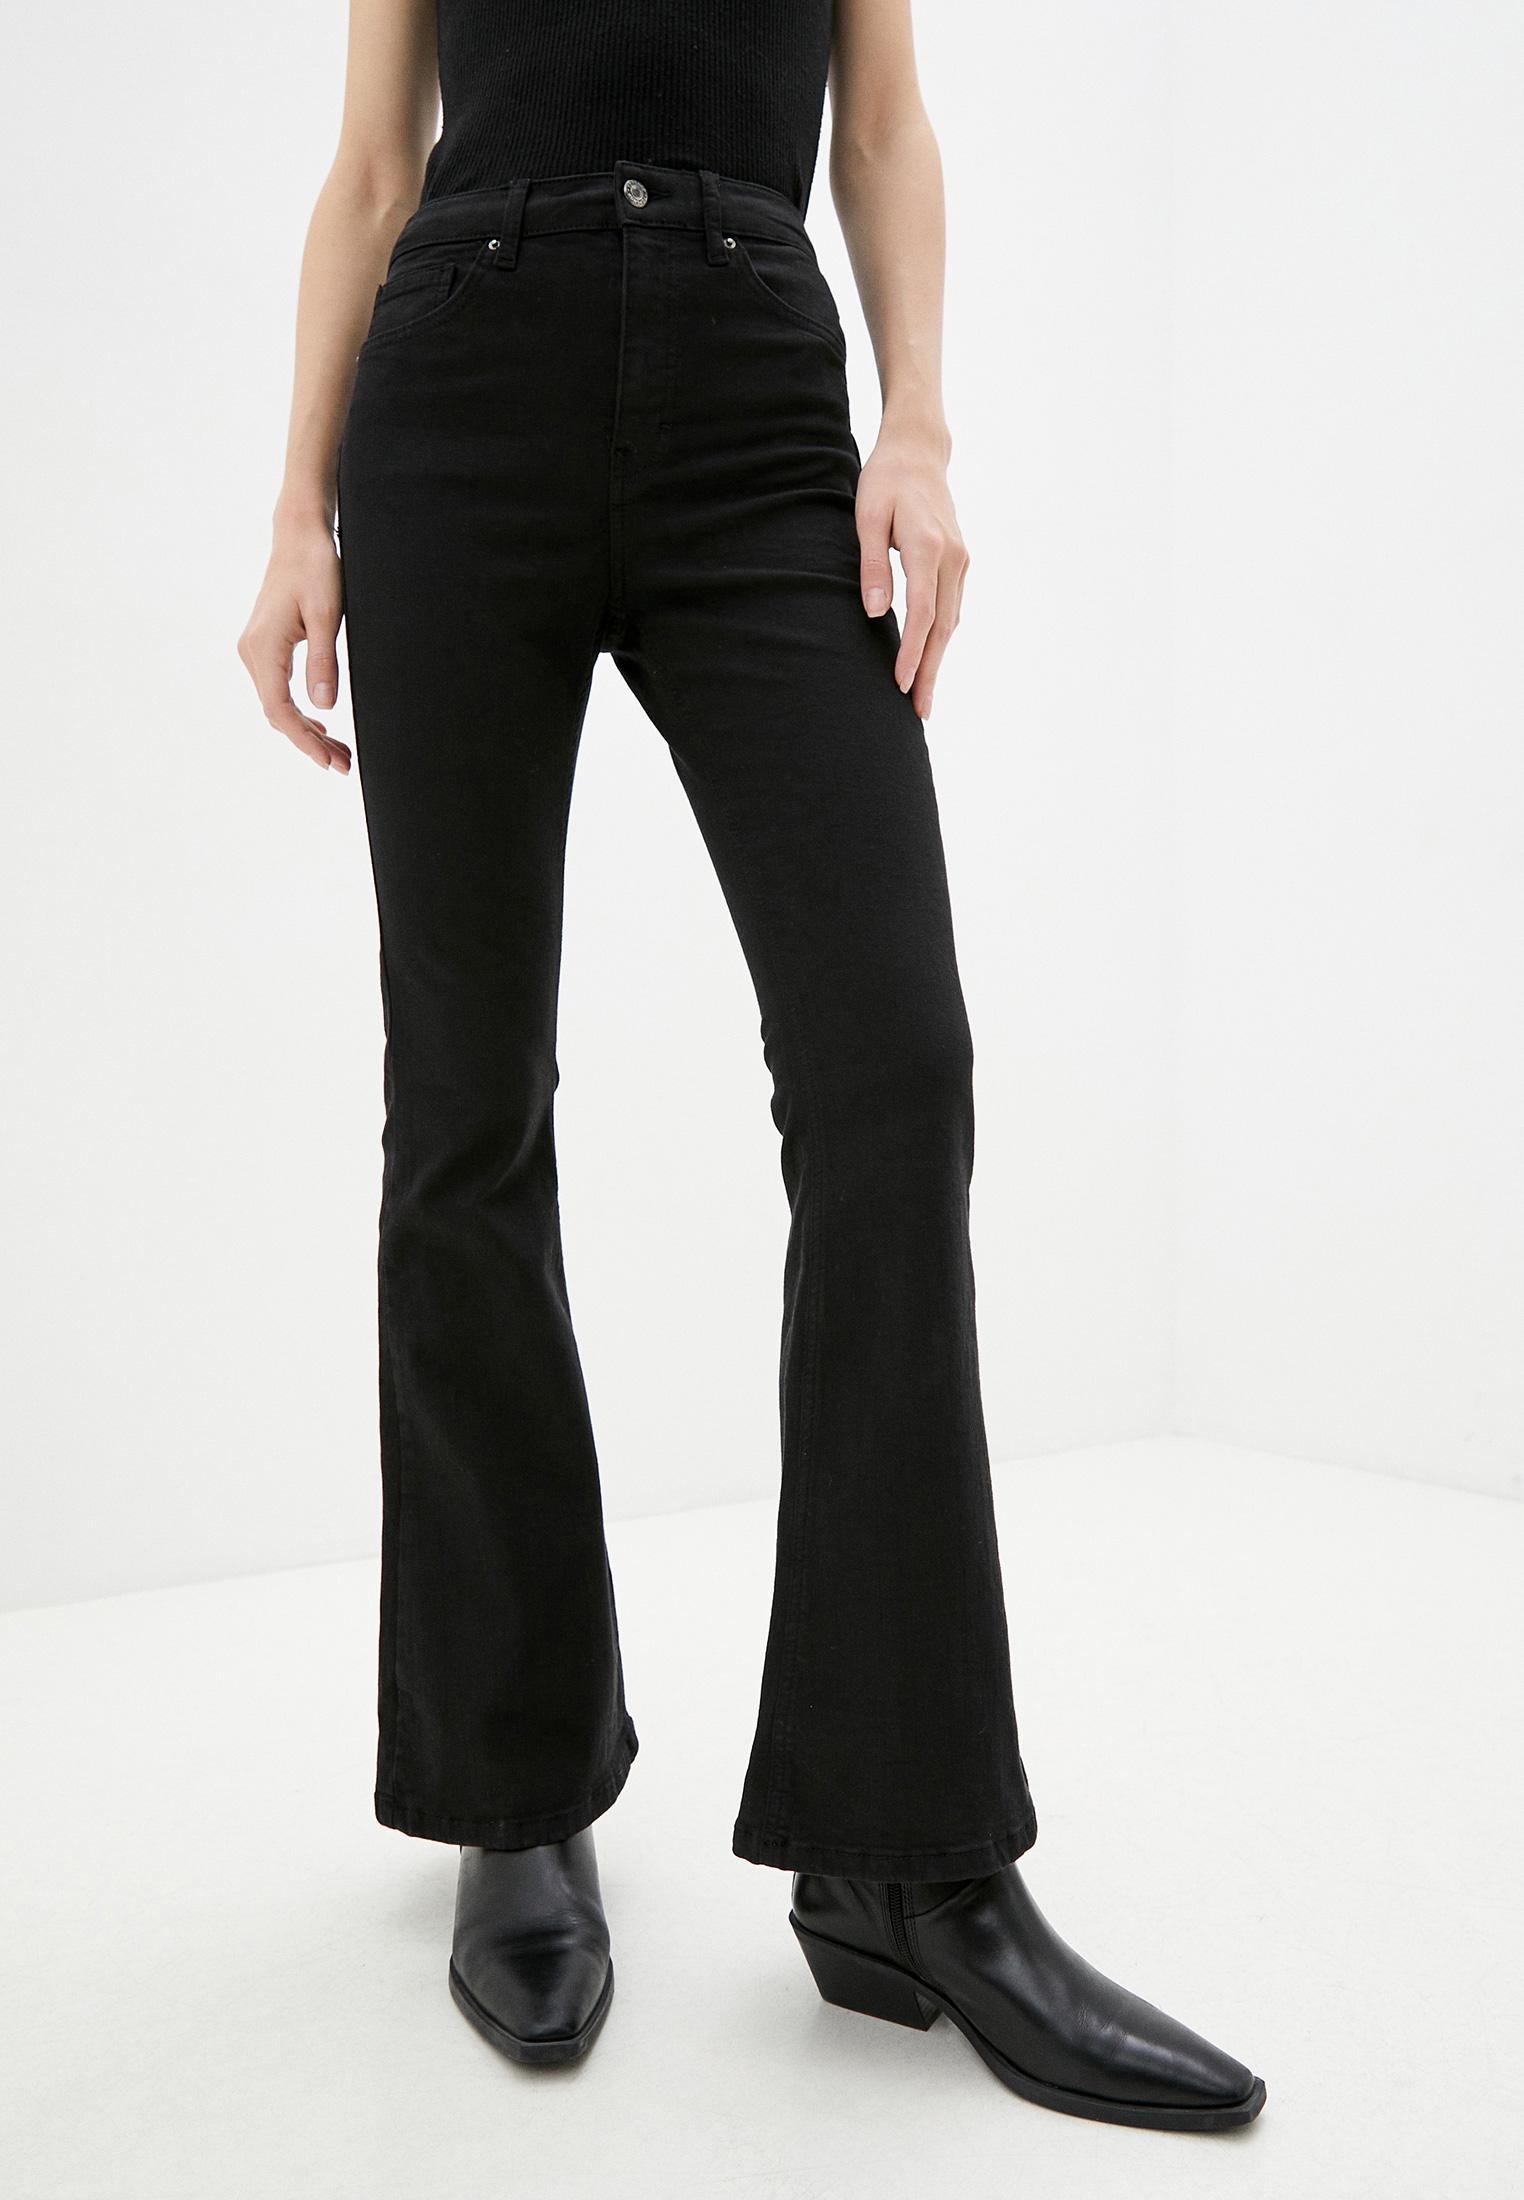 Широкие и расклешенные джинсы Topshop (Топ Шоп) Джинсы Topshop